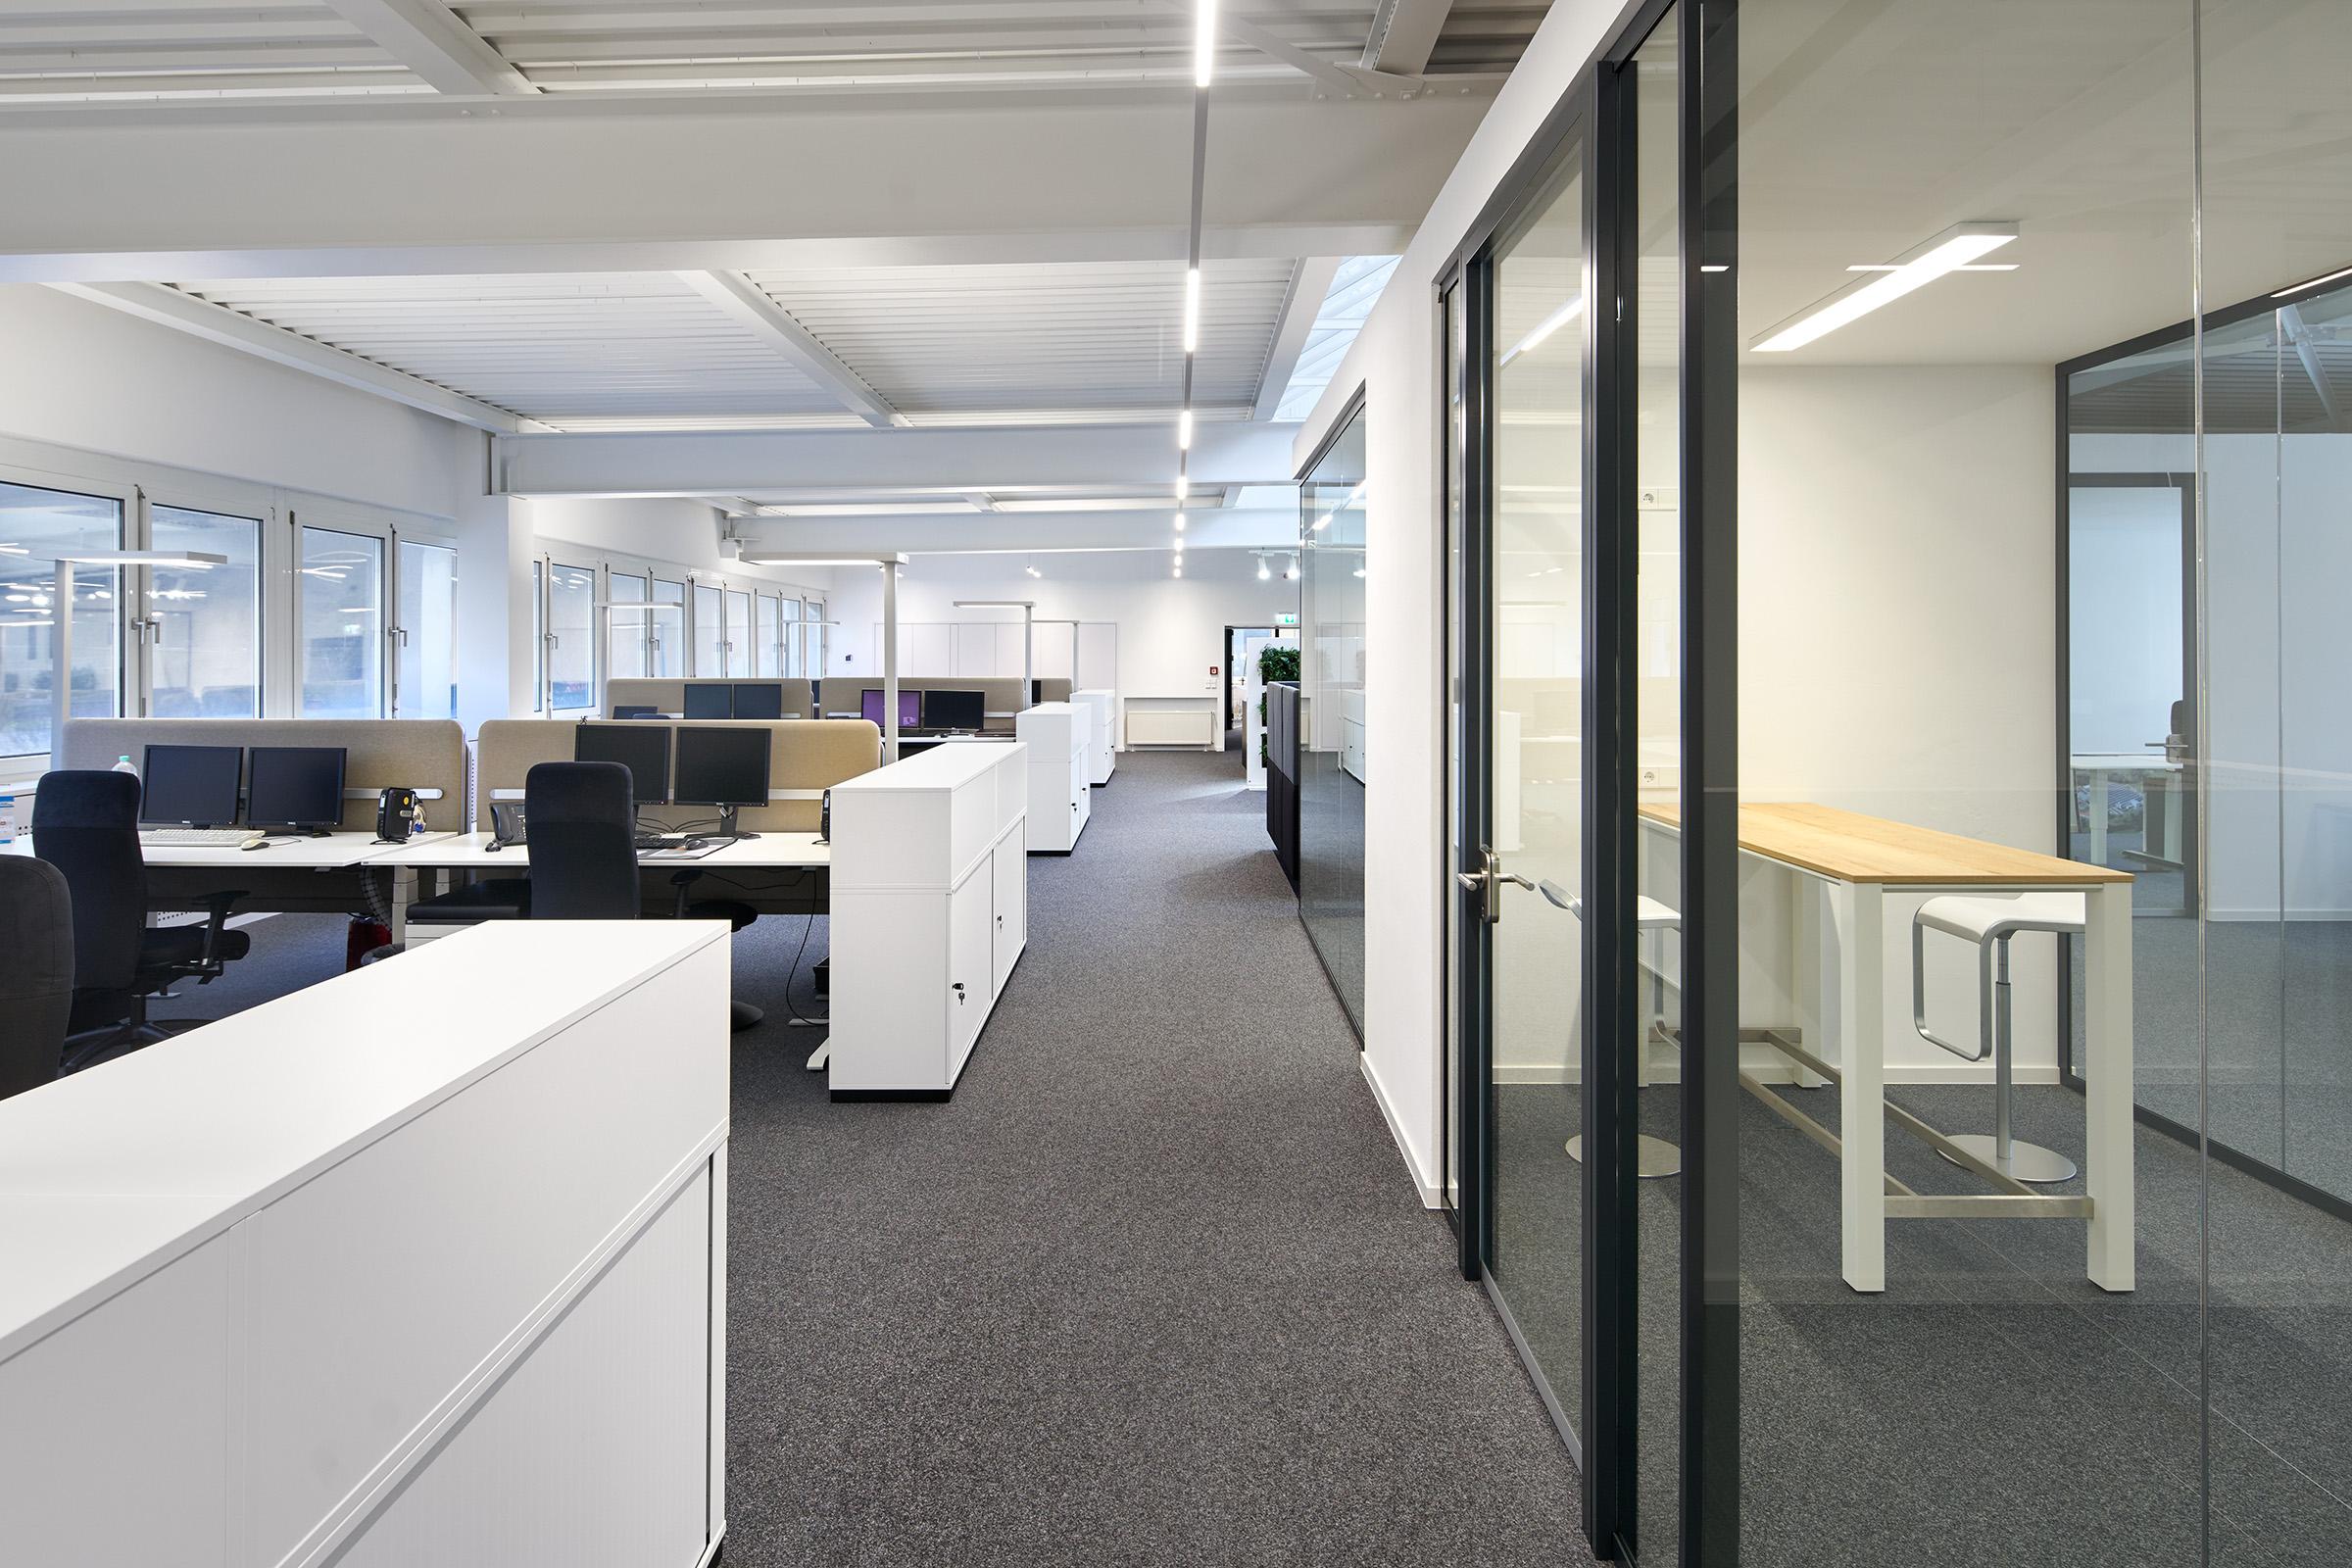 Interieuraufnahmen des modernisierten Großraumbüros der ACO Passavant GmbH in Phillipsthal // Entwurf: hks architekten, Erfurt